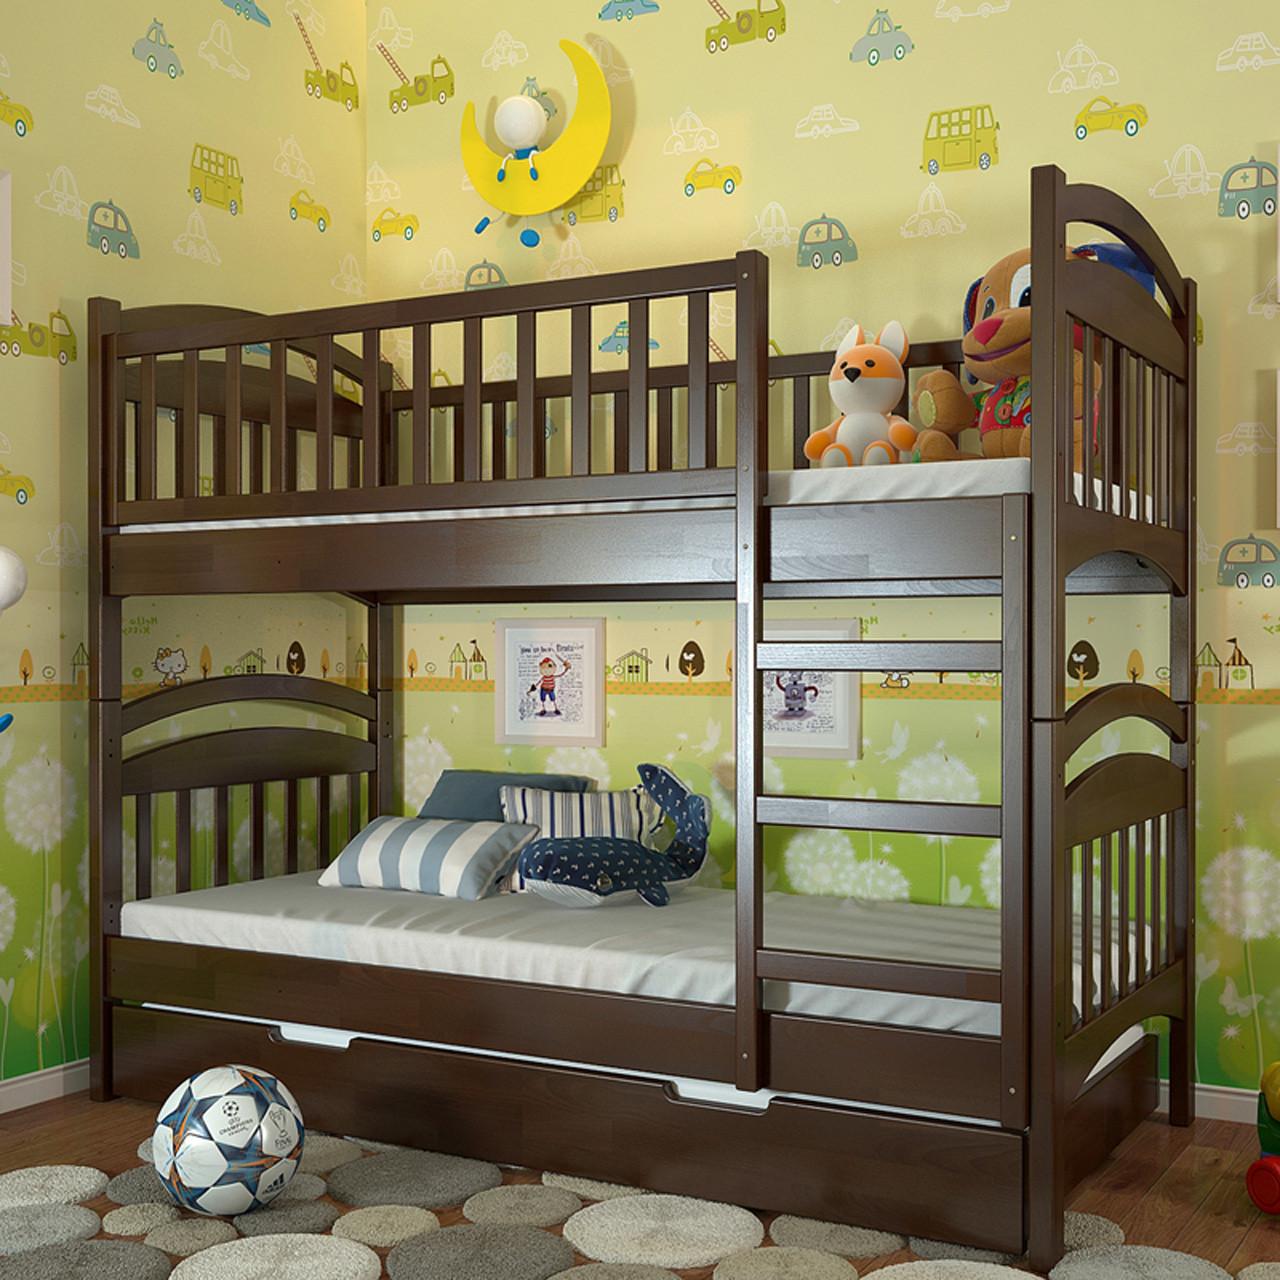 Кровать двухъярусная деревянная  Смайл